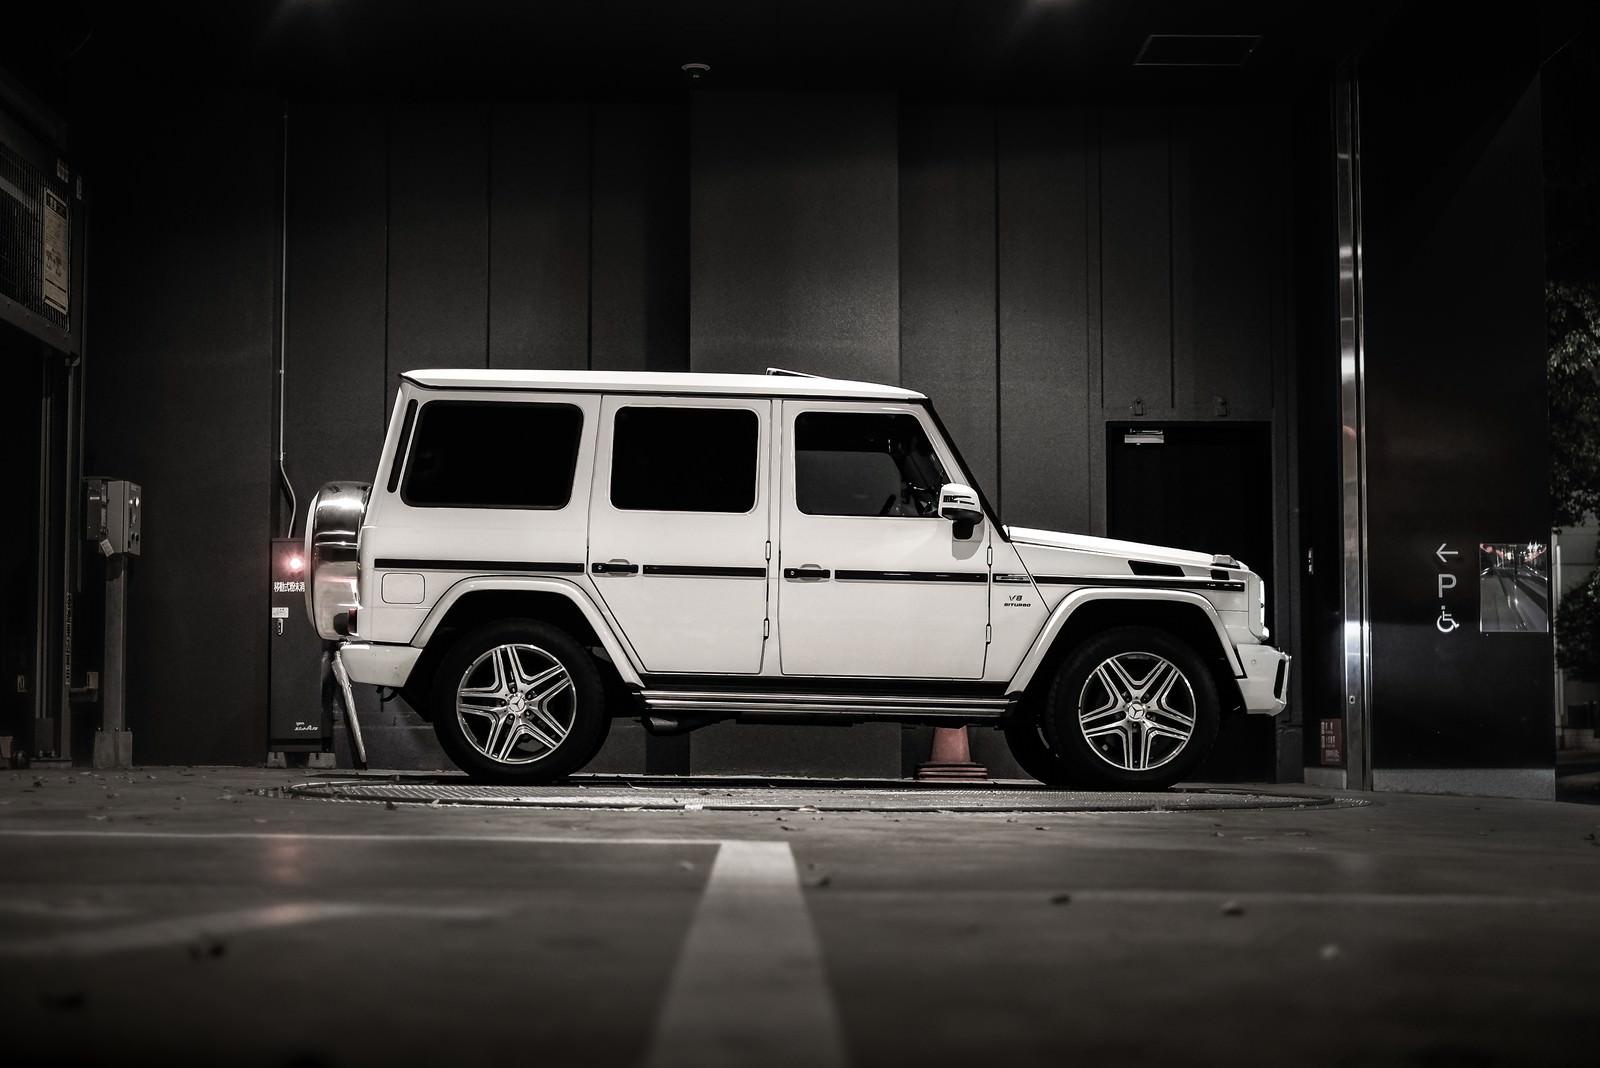 「駐車中のオフロード車駐車中のオフロード車」のフリー写真素材を拡大